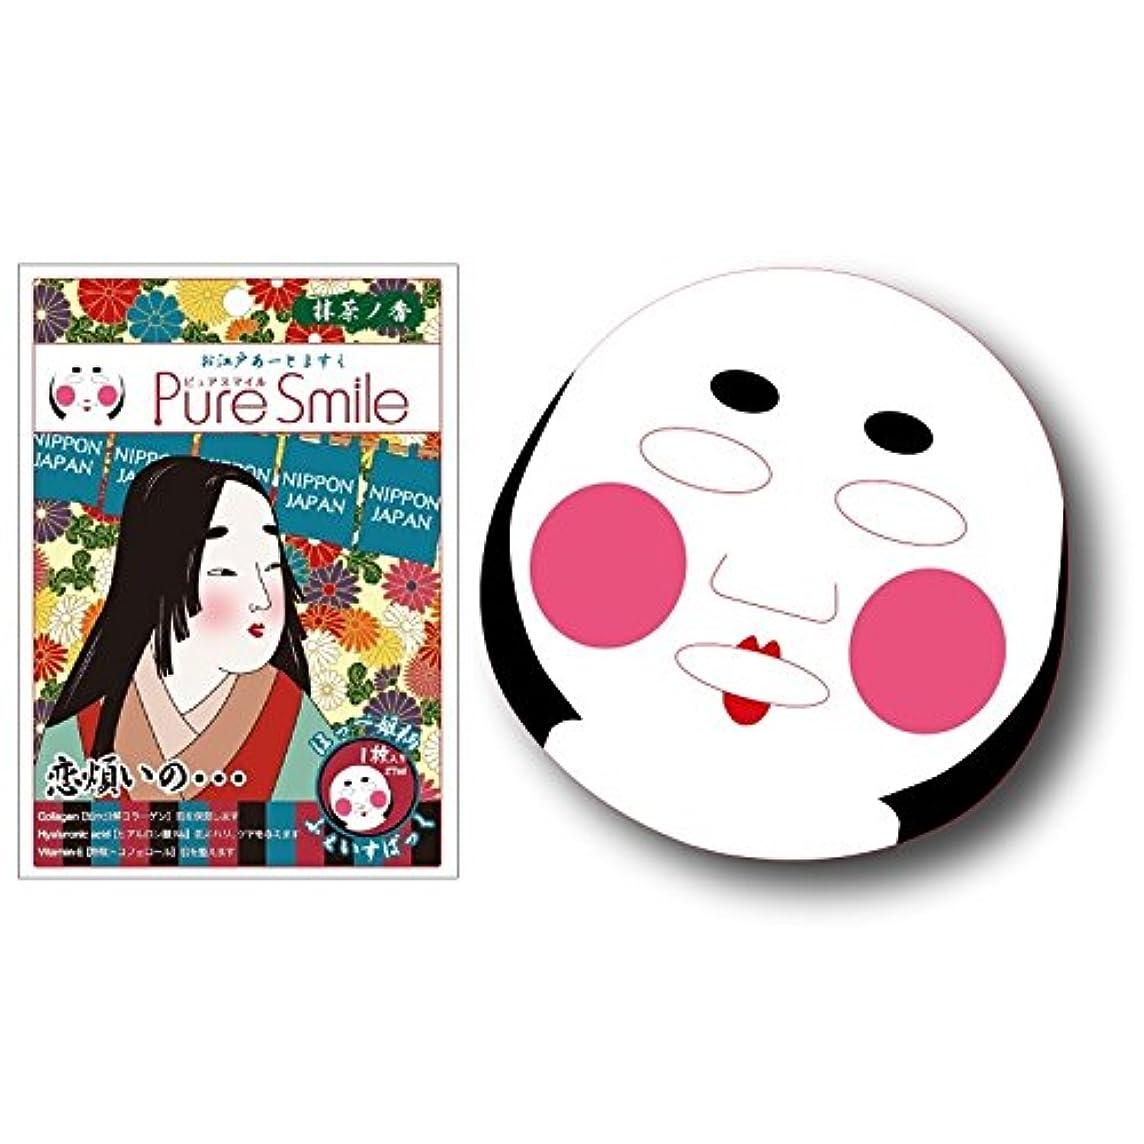 乞食排除する賠償Pure Smile お江戸アートマスク (ほっぺ姫)